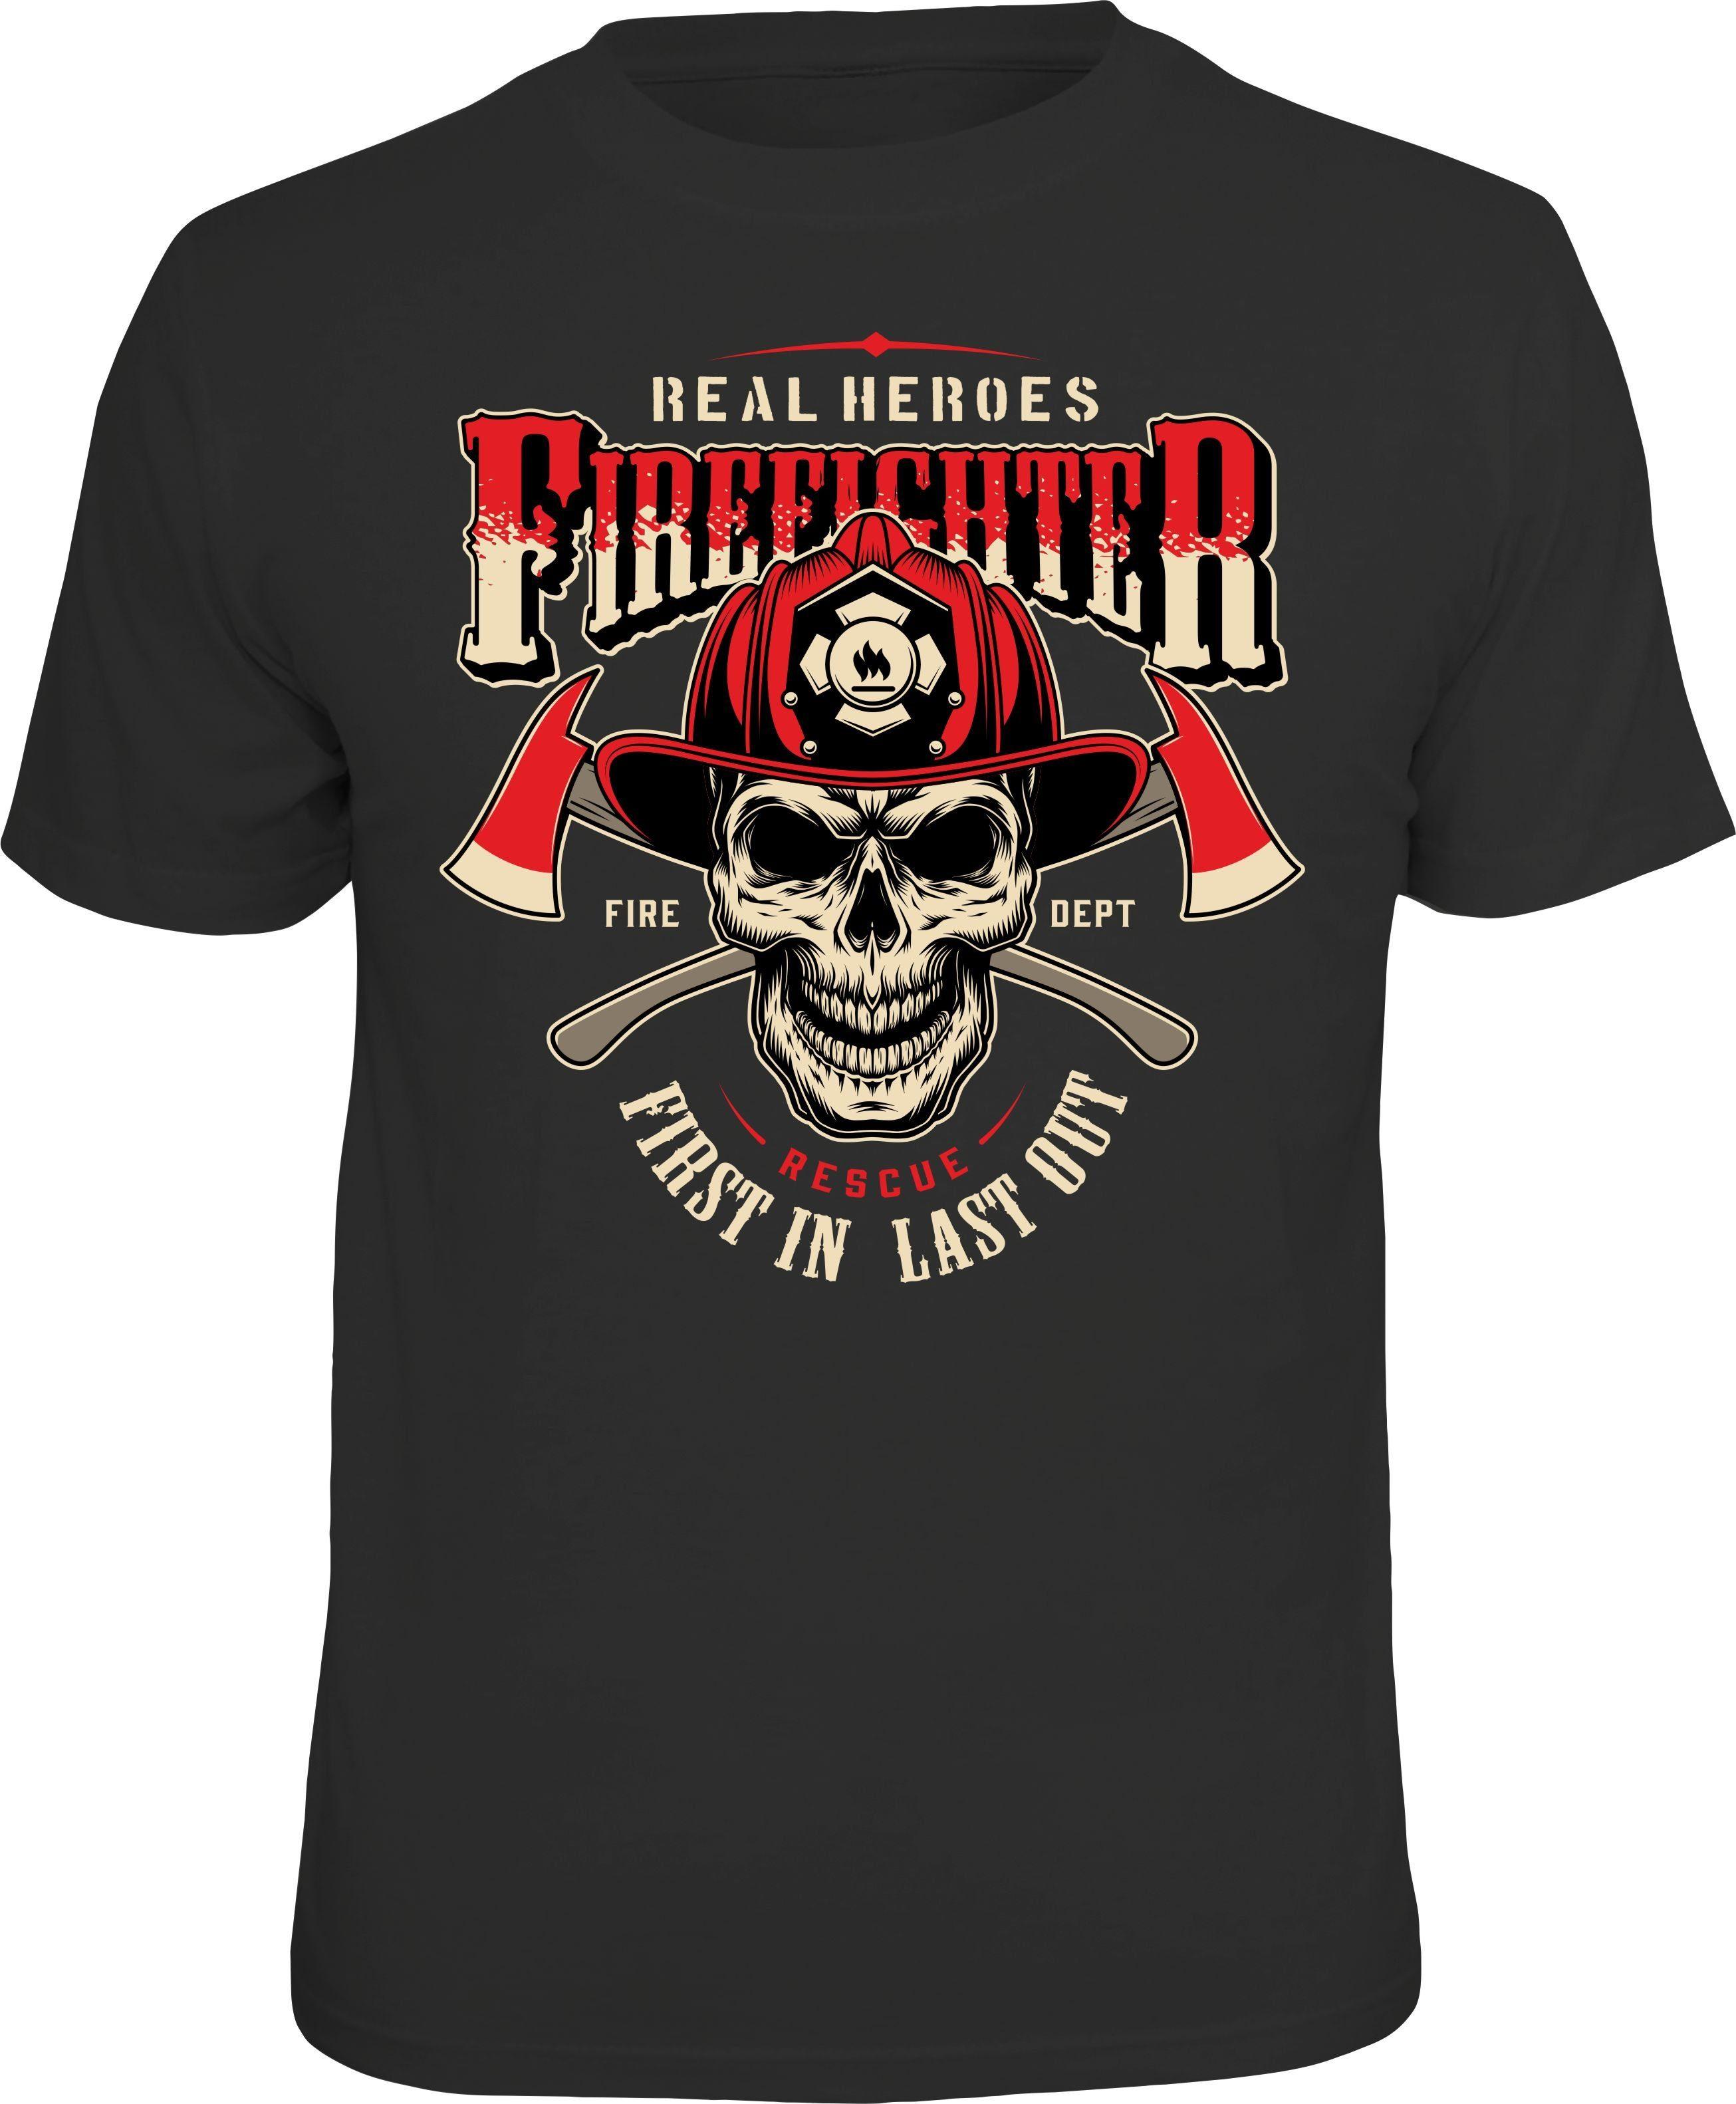 Herren Rahmenlos T-Shirt mit tollem Feuerwehr-Frontdruck schwarz | 04052743922473